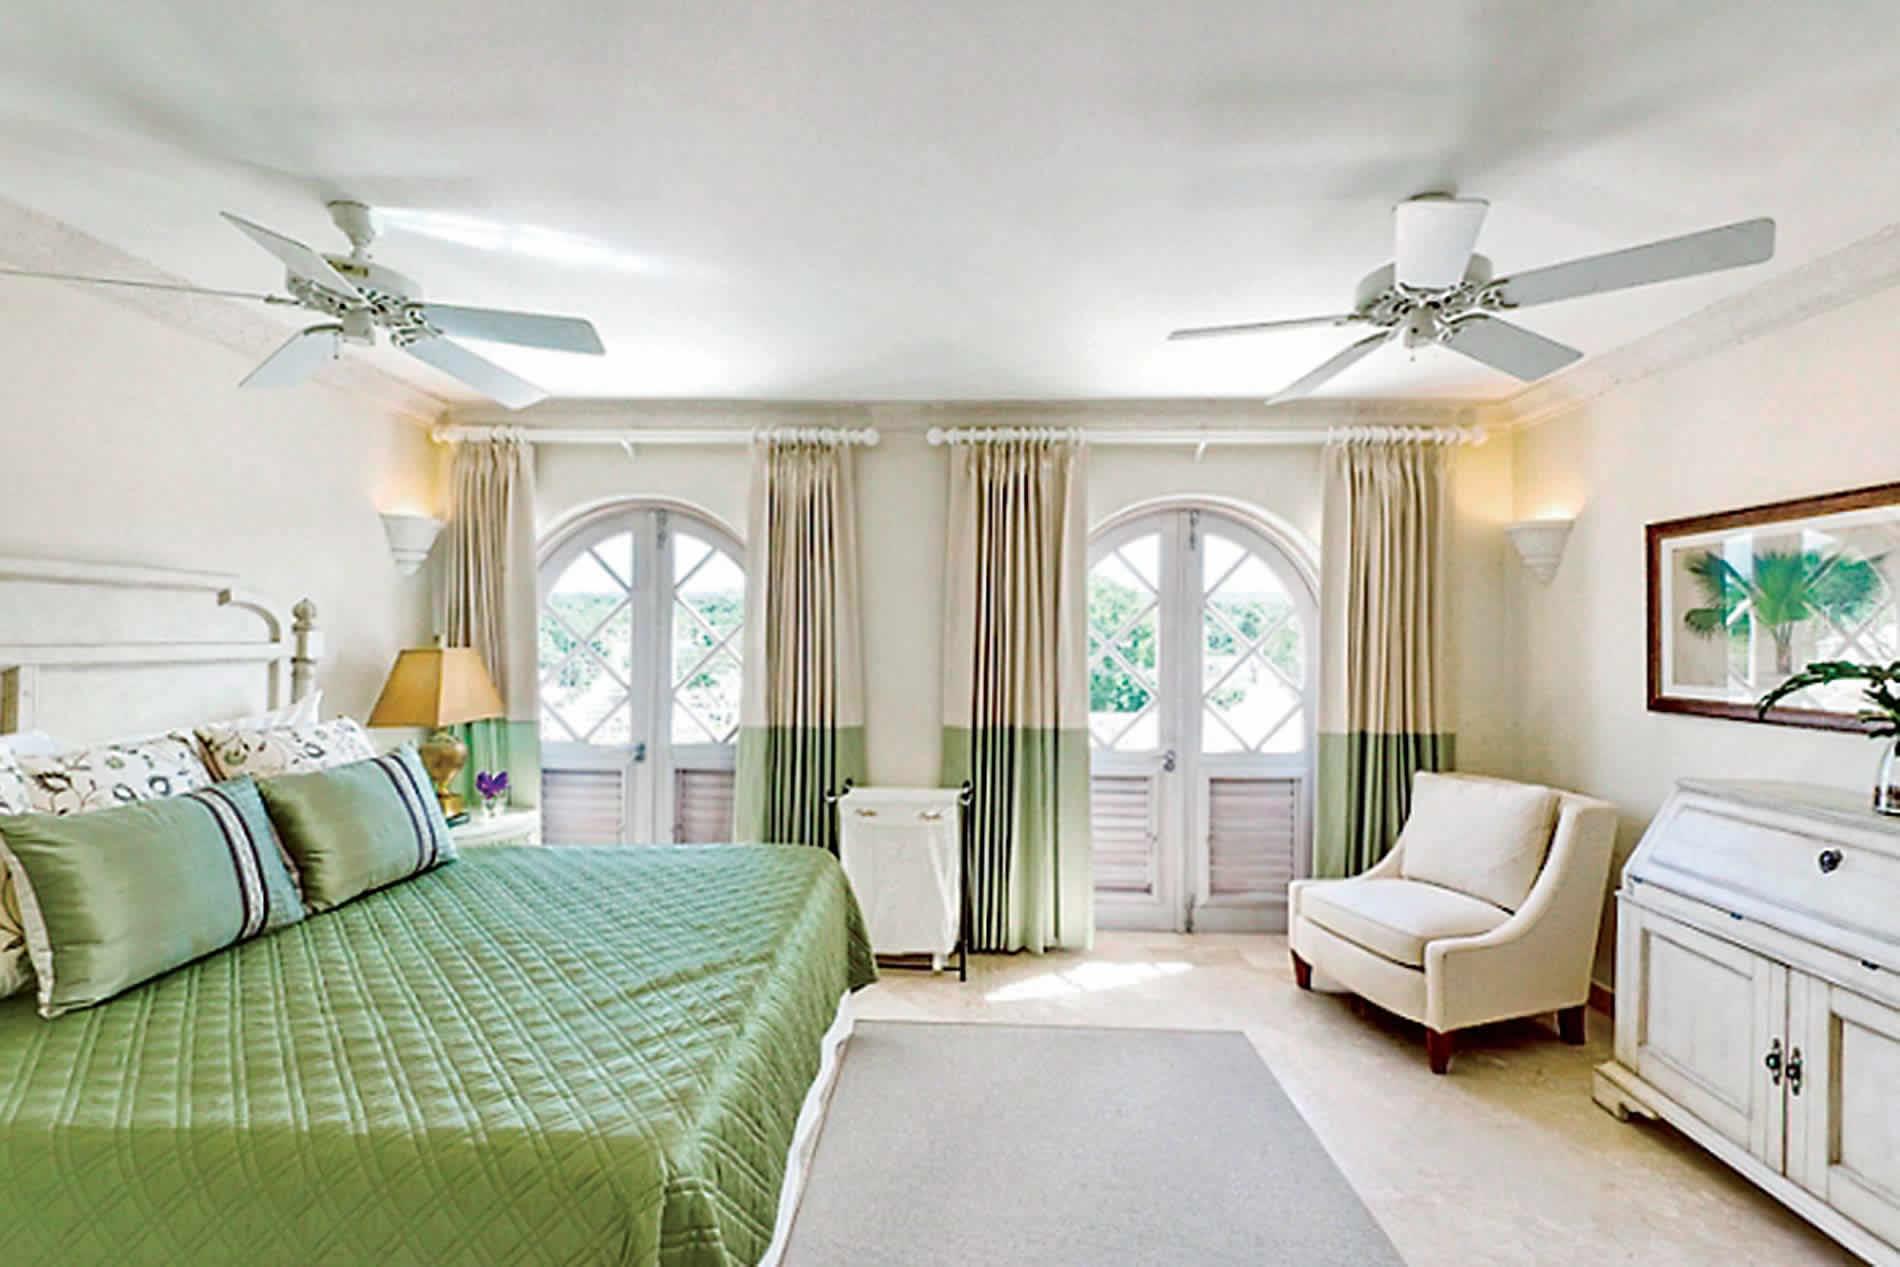 Apartment Sea View III in Saint Peter's Bay - sleeps 6 people